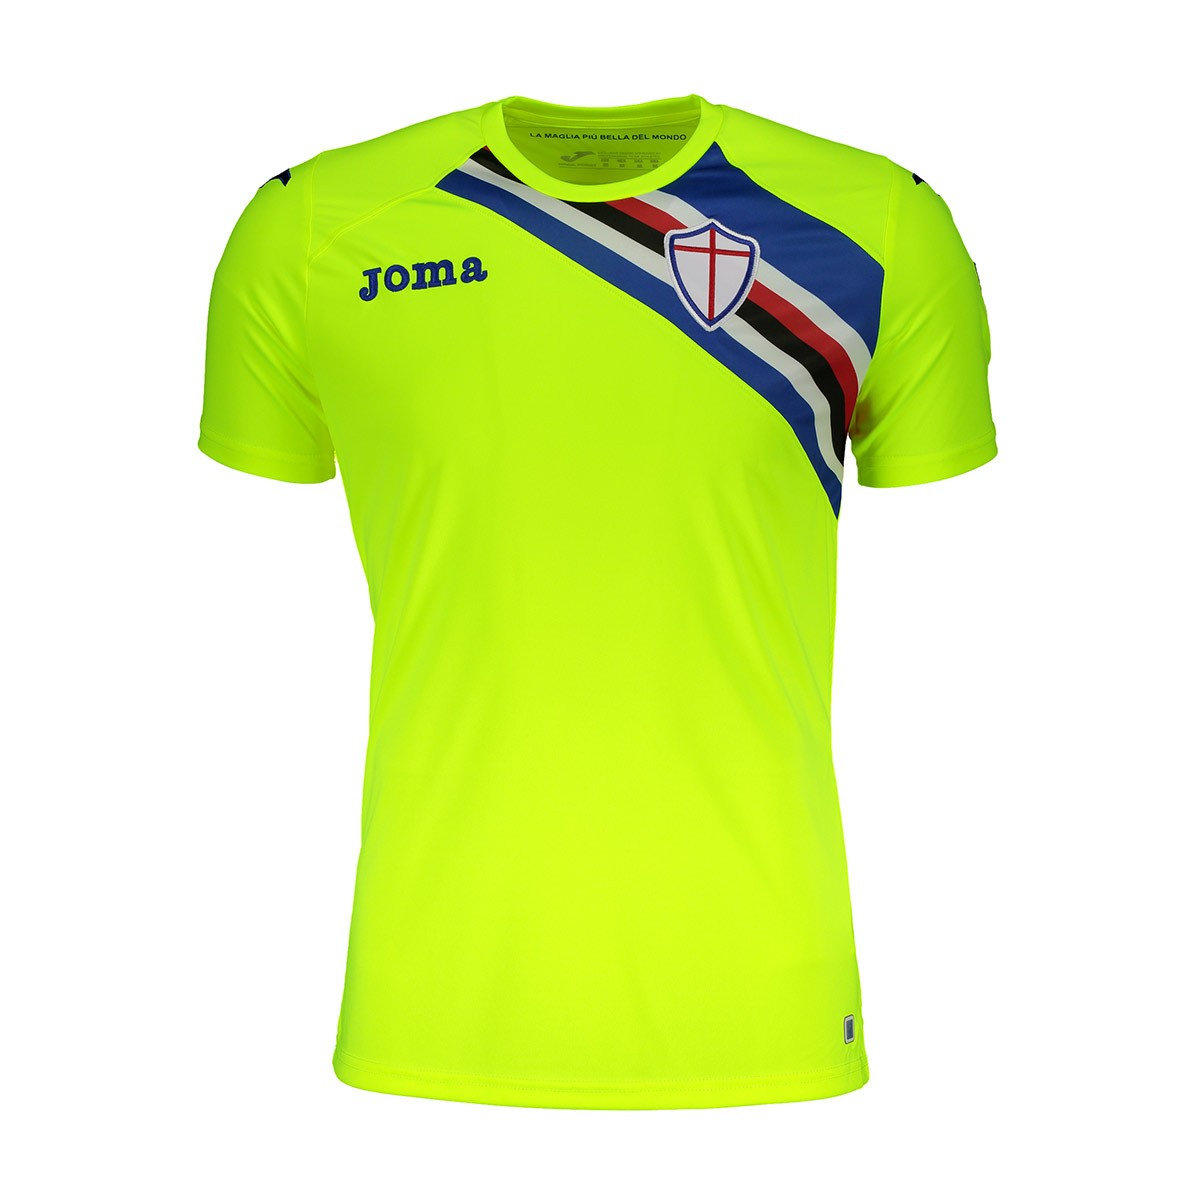 Allenamento calcio Sampdoria merchandising